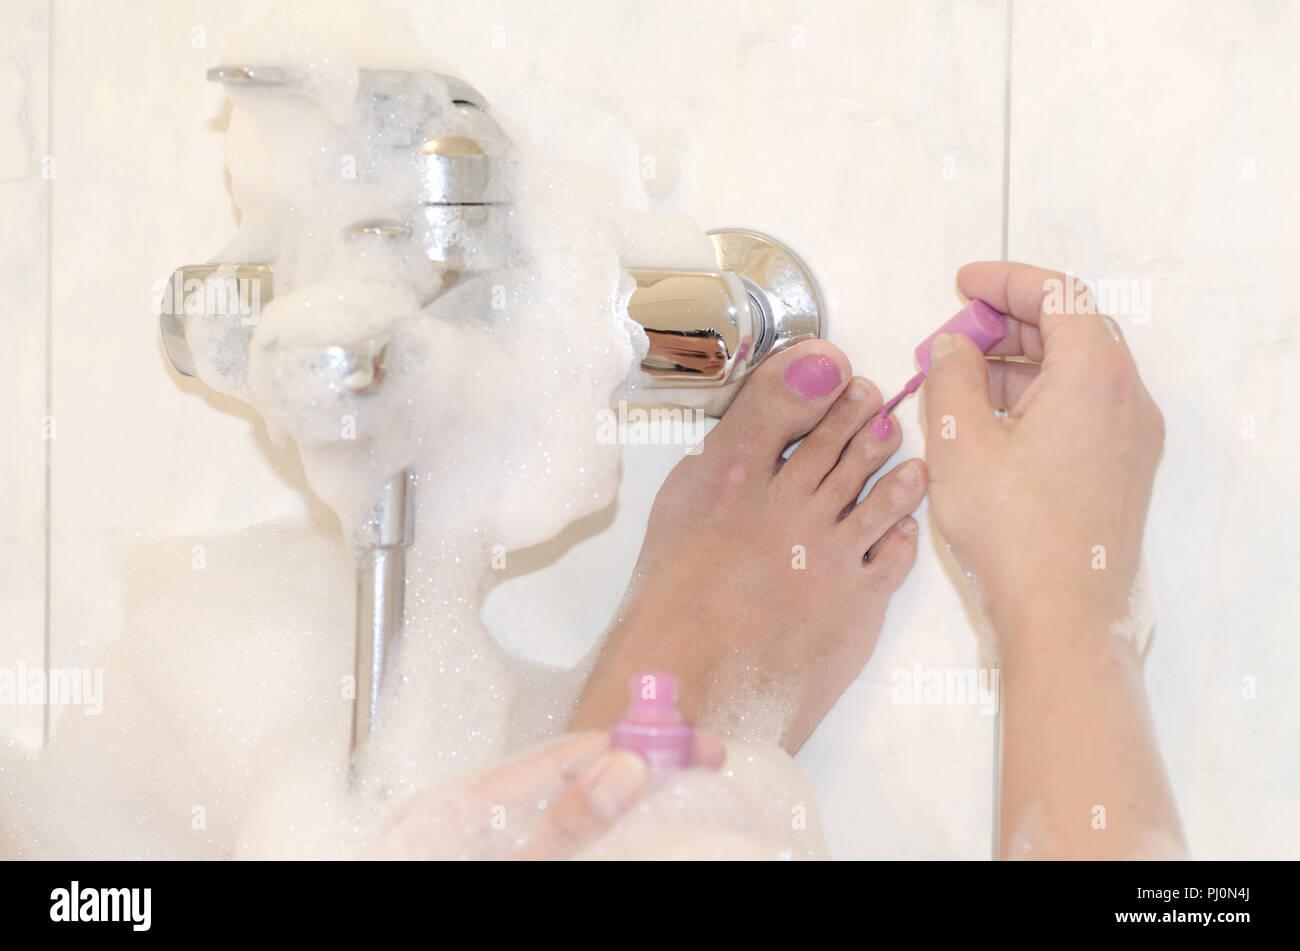 Vasca Da Bagno Rosa : La donna nella vasca da bagno e la sua pittura unghie dei piedi in